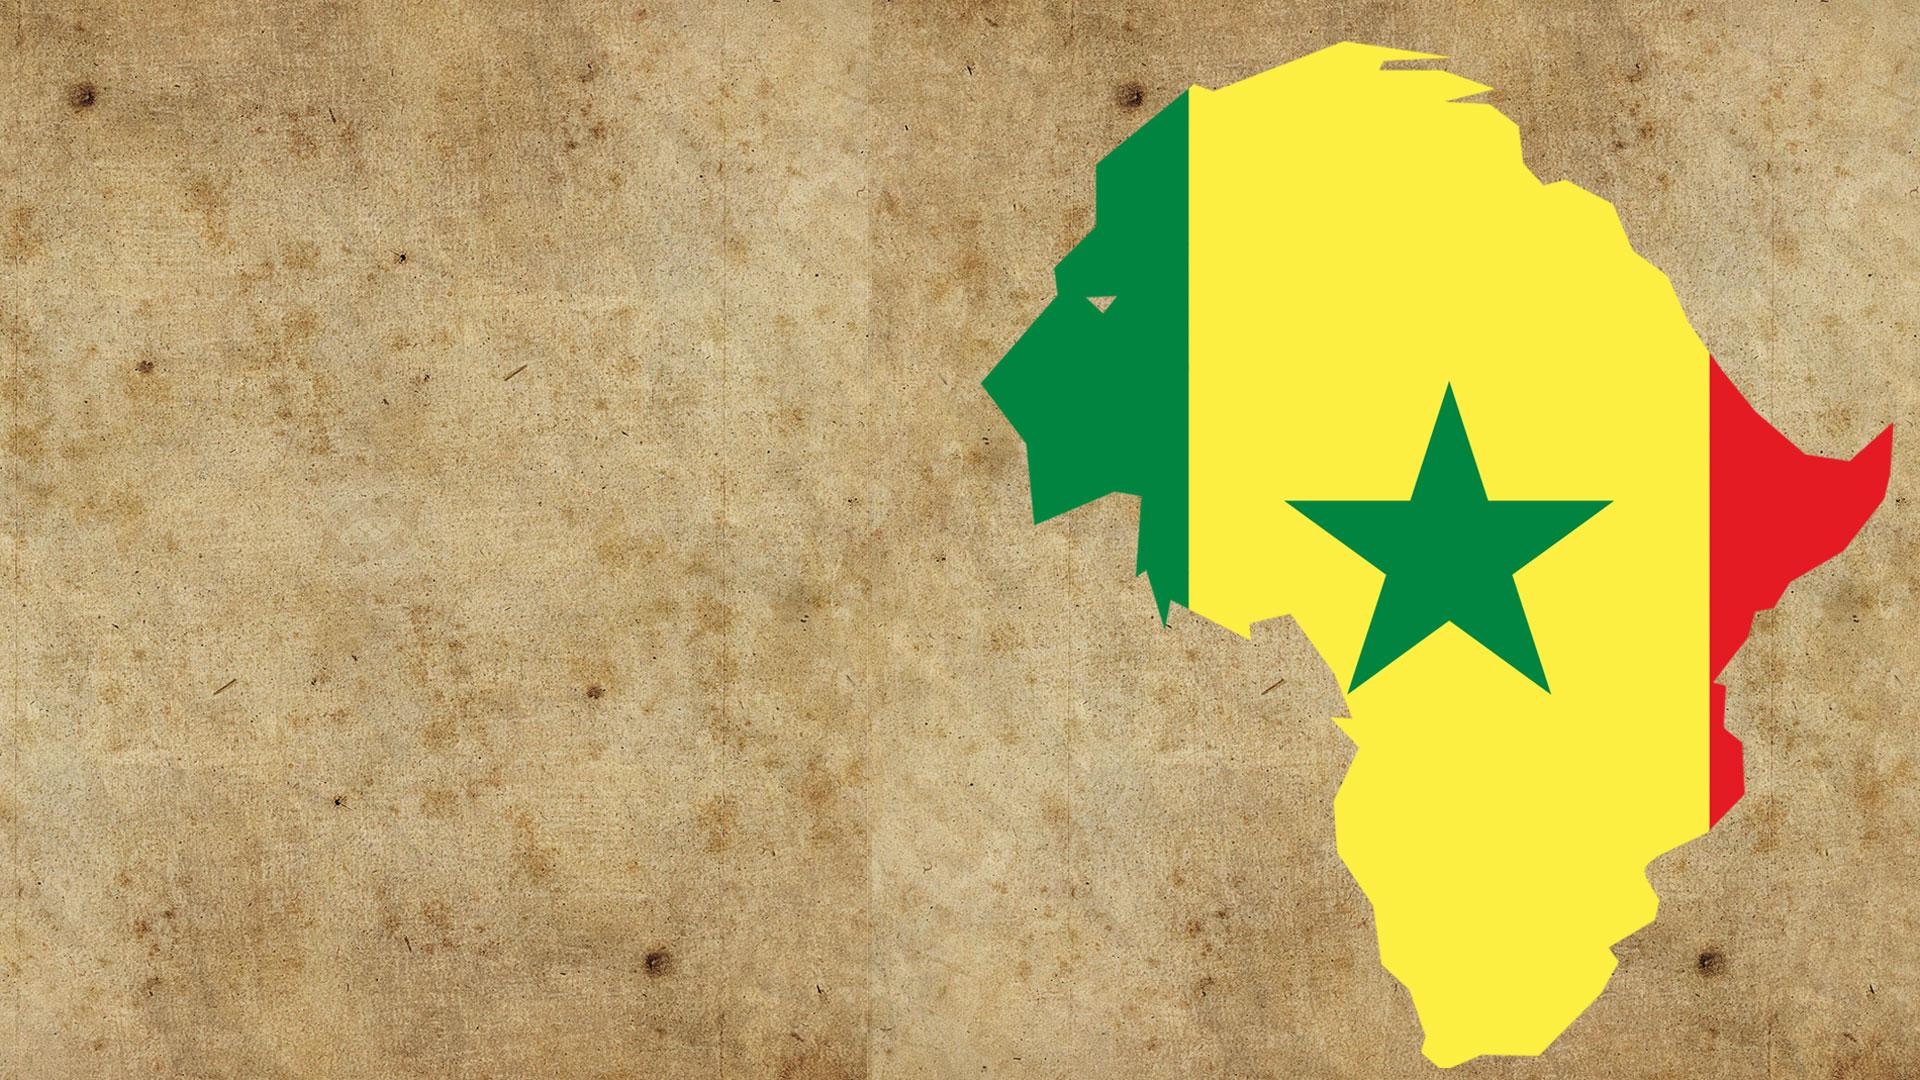 L'ex-président de Gambie, Yahya Jammeh, s'exile en Guinée équatoriale